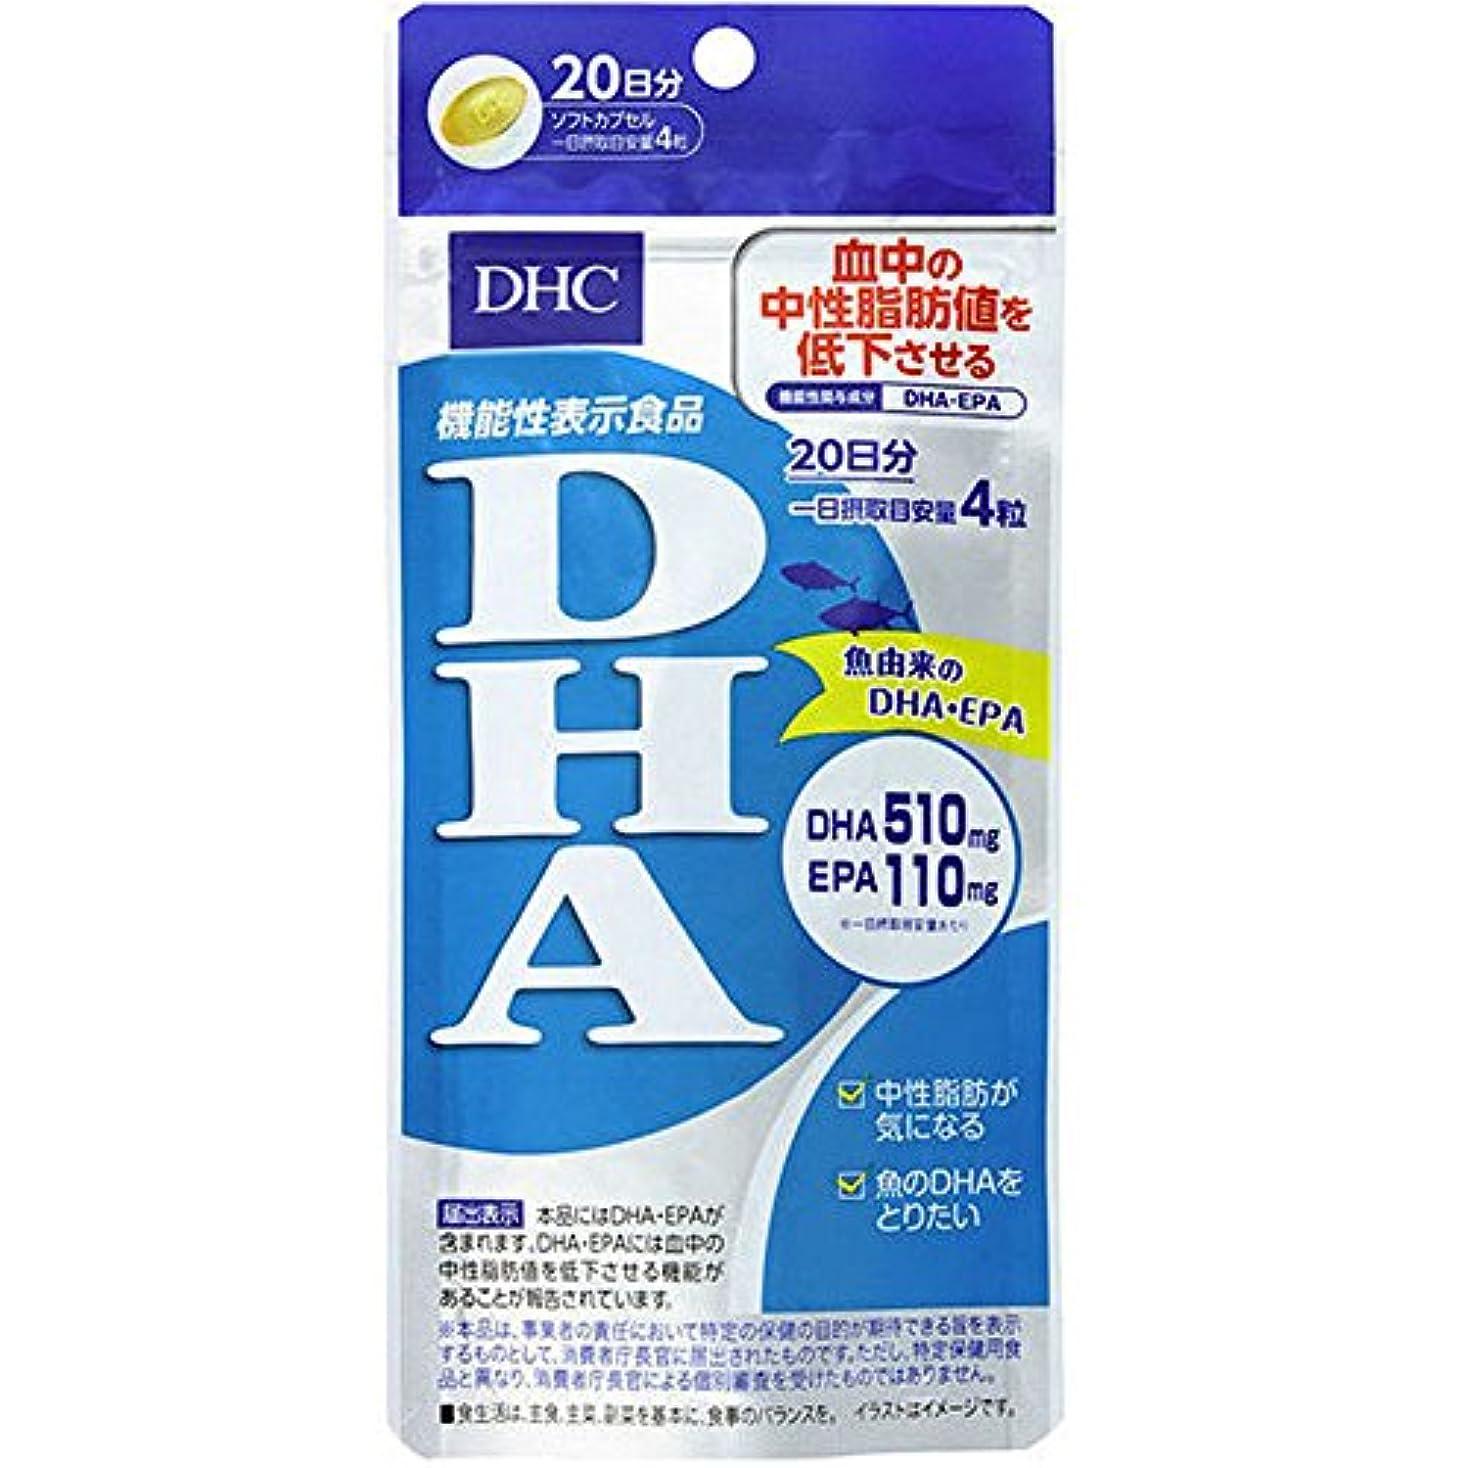 真鍮パンチ並外れてDHC DHA 20日分 80粒 【機能性表示食品】